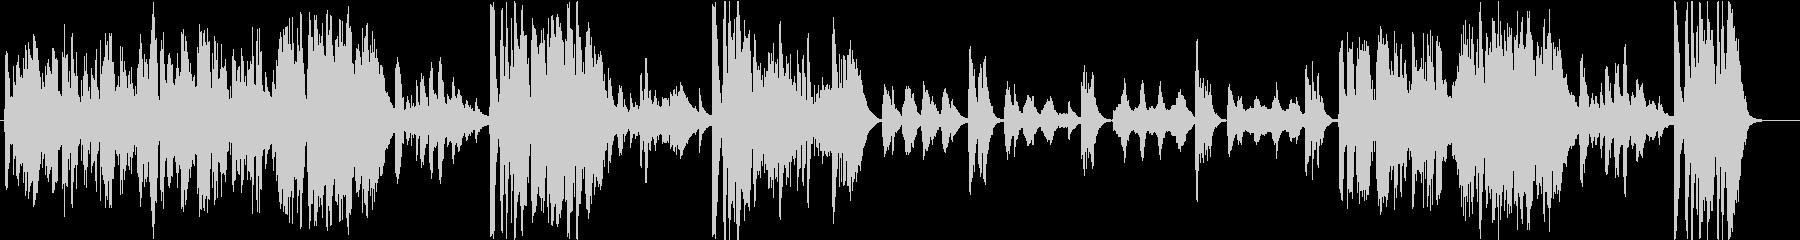 ブラームス ハンガリー舞曲第五番(編曲)の未再生の波形